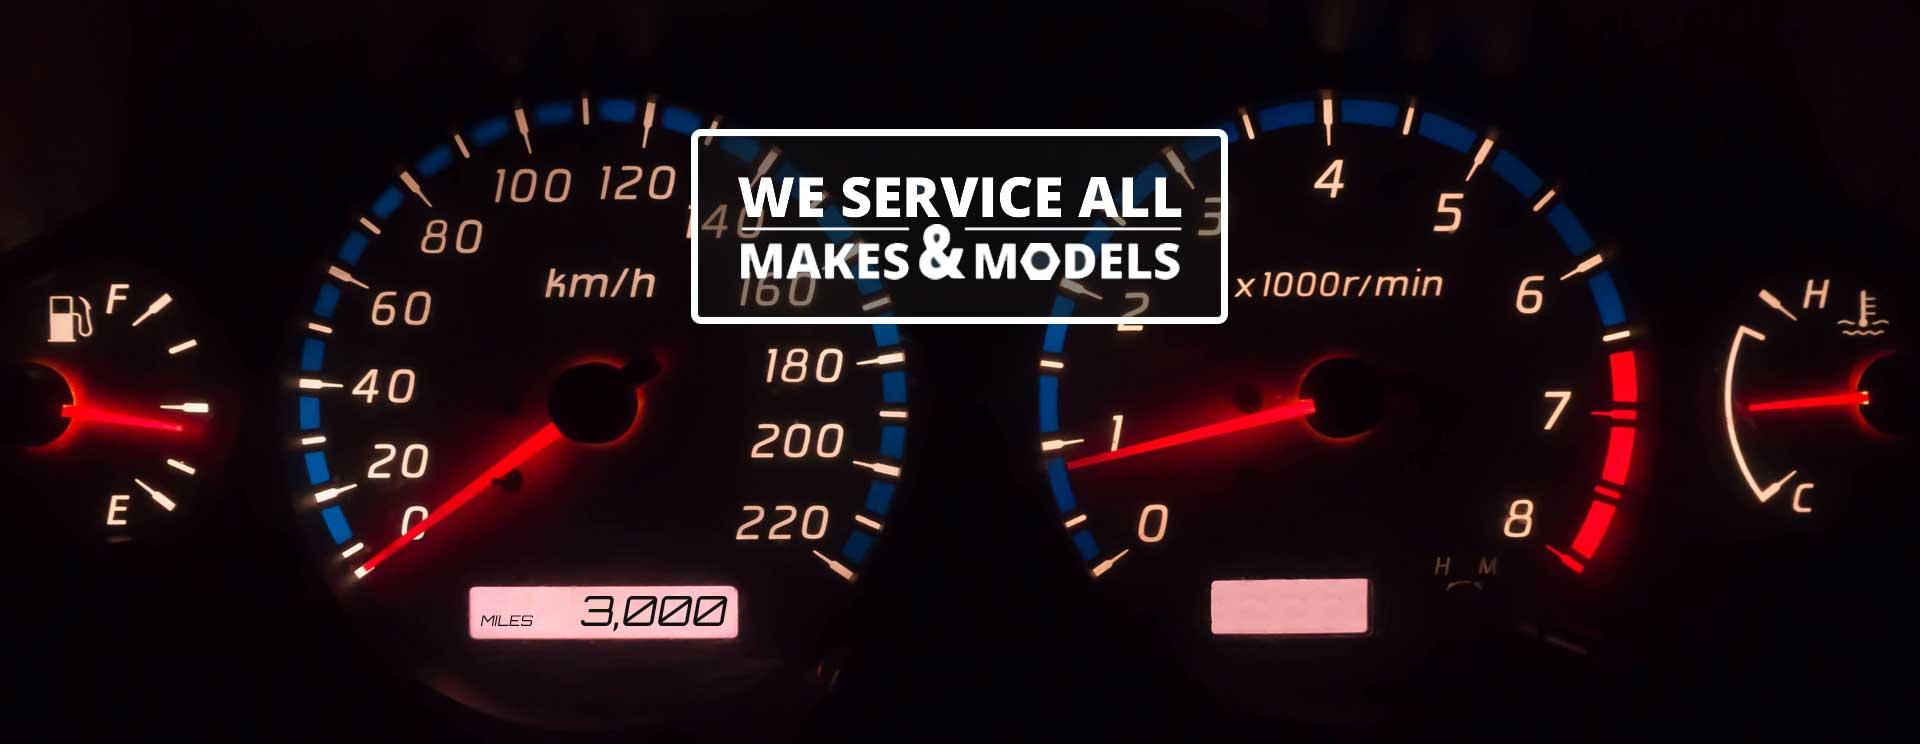 service-all-slide2